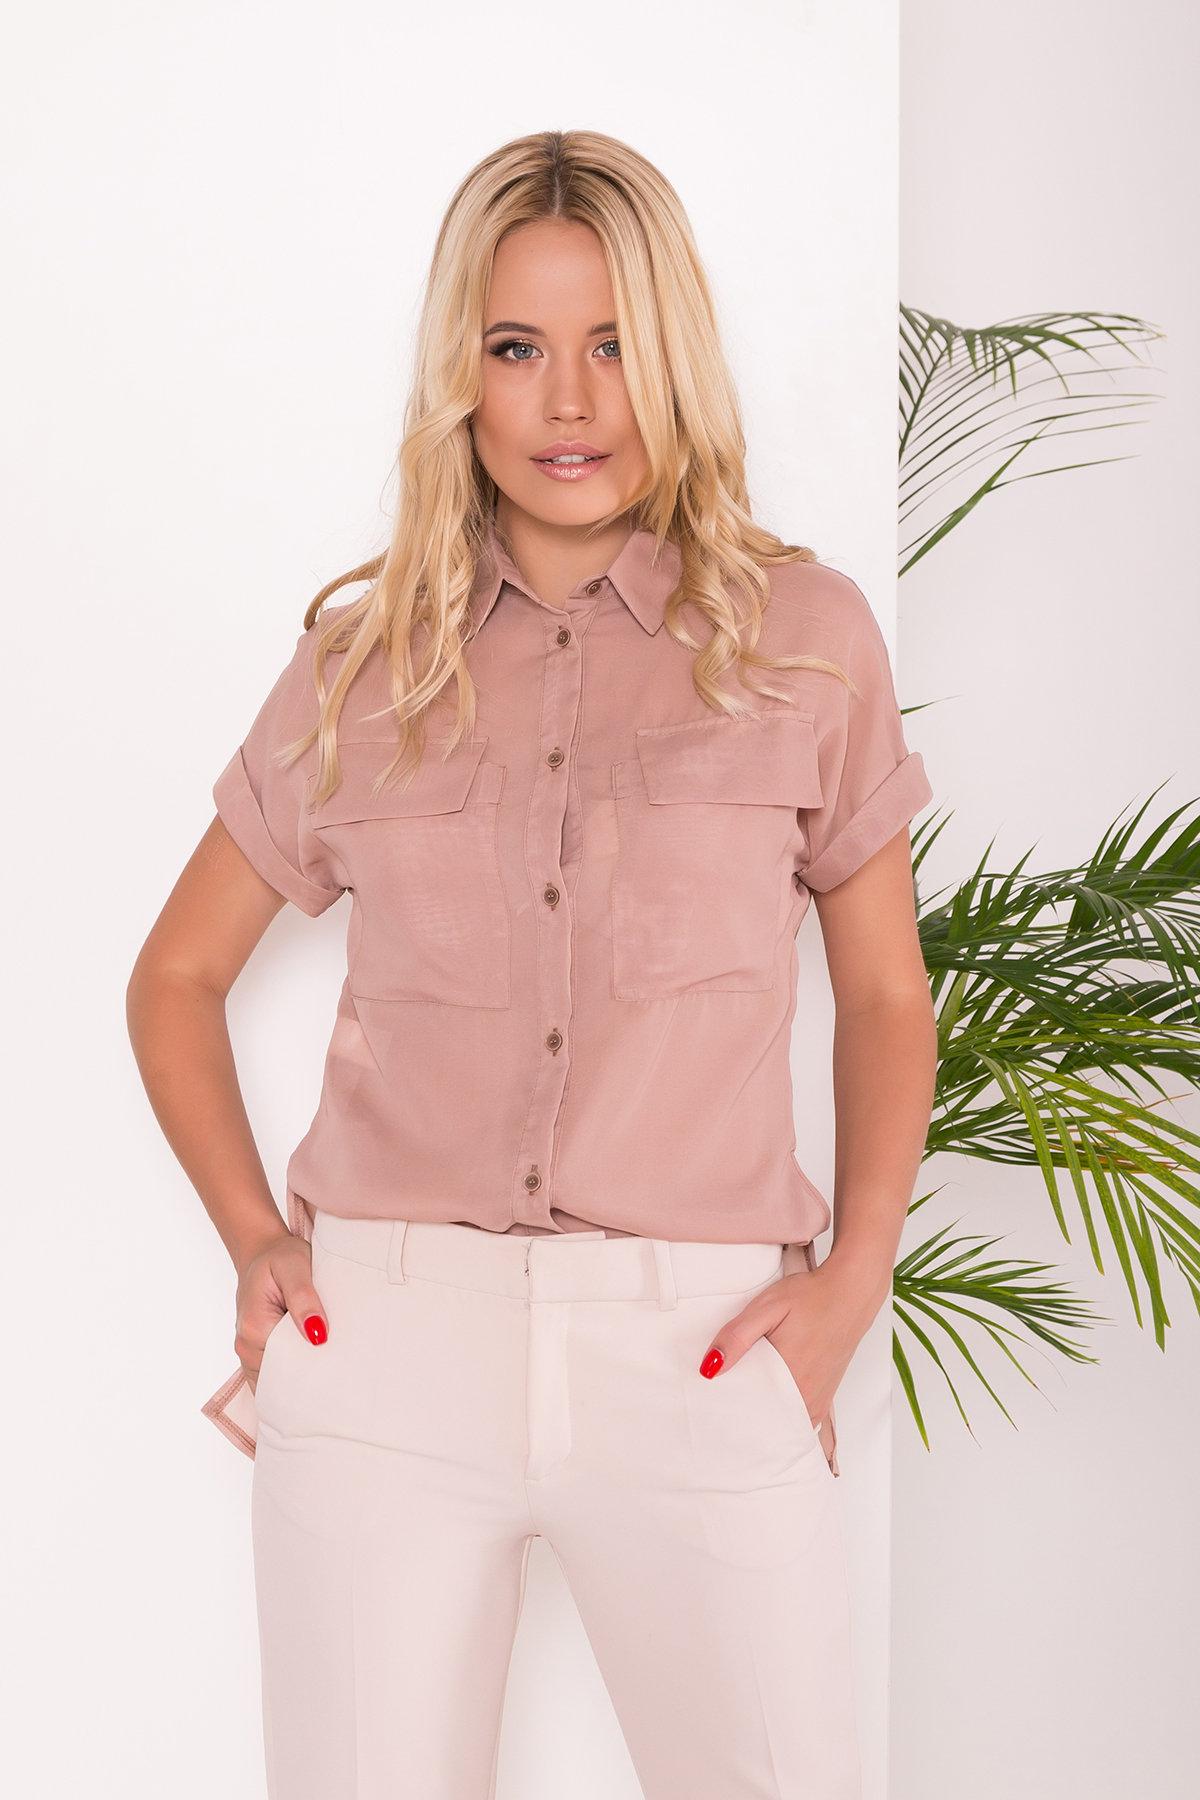 Шифоновая Рубашка Айра 7456 АРТ. 43420 Цвет: Бежевый - фото 3, интернет магазин tm-modus.ru